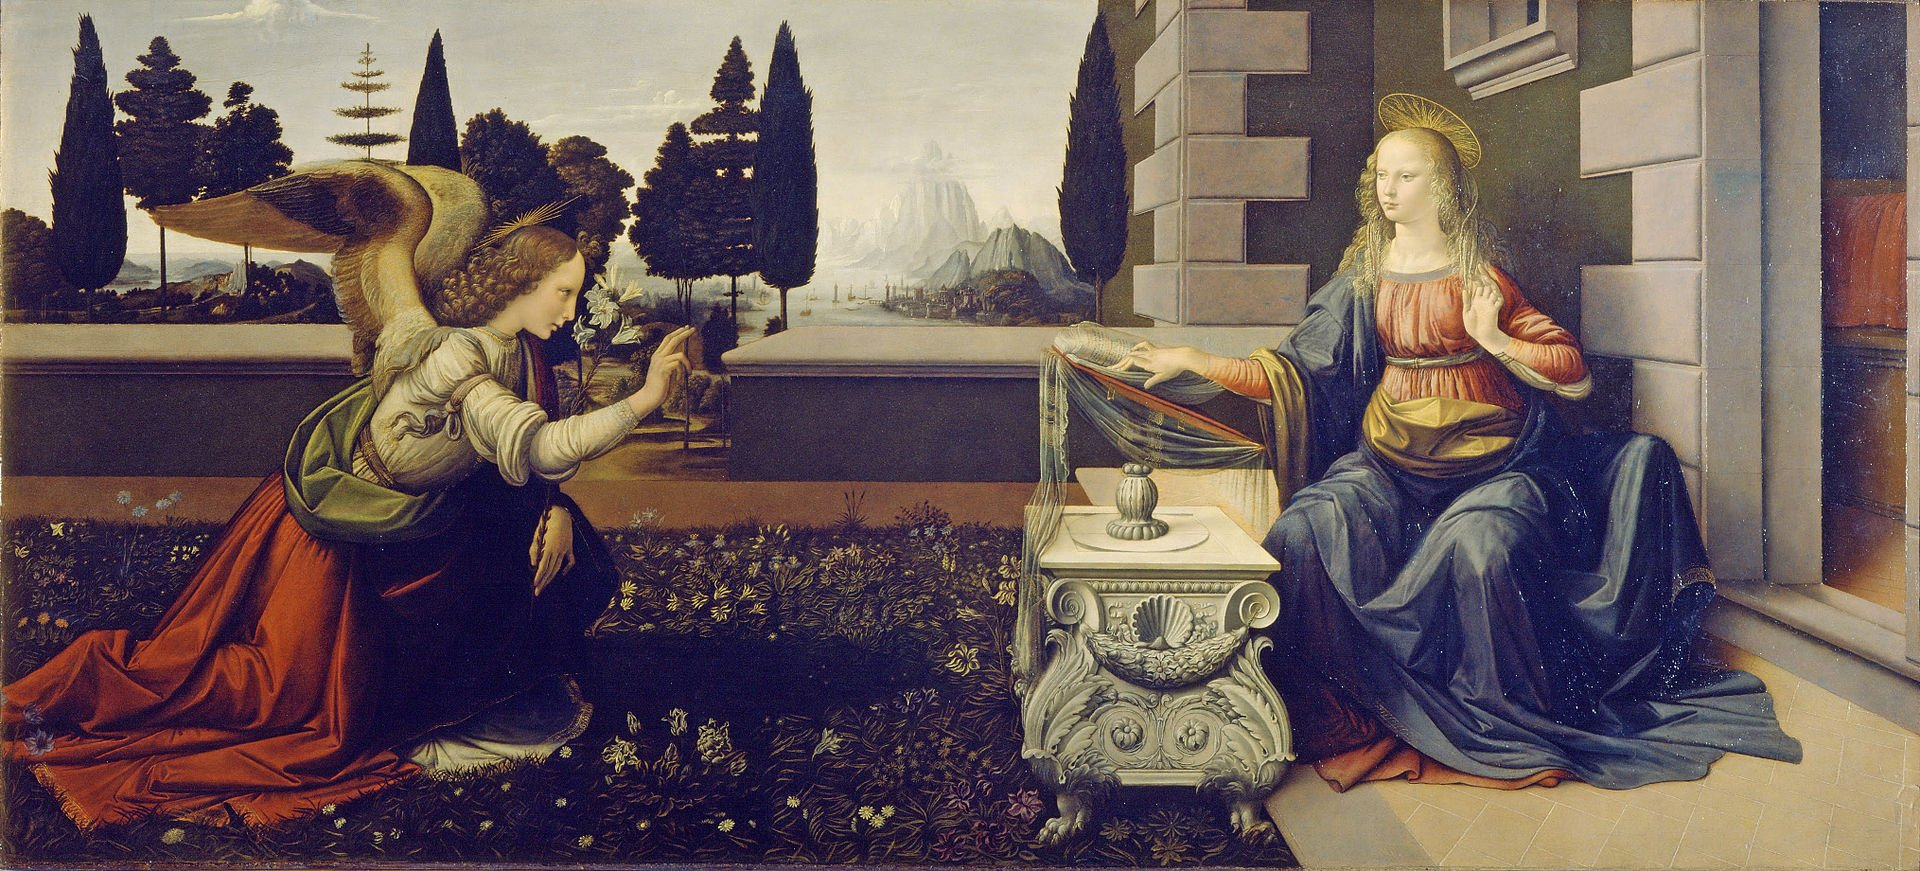 Благовещение, Леонардо да Винчи, 1472—1475, Уффици.Флоренция